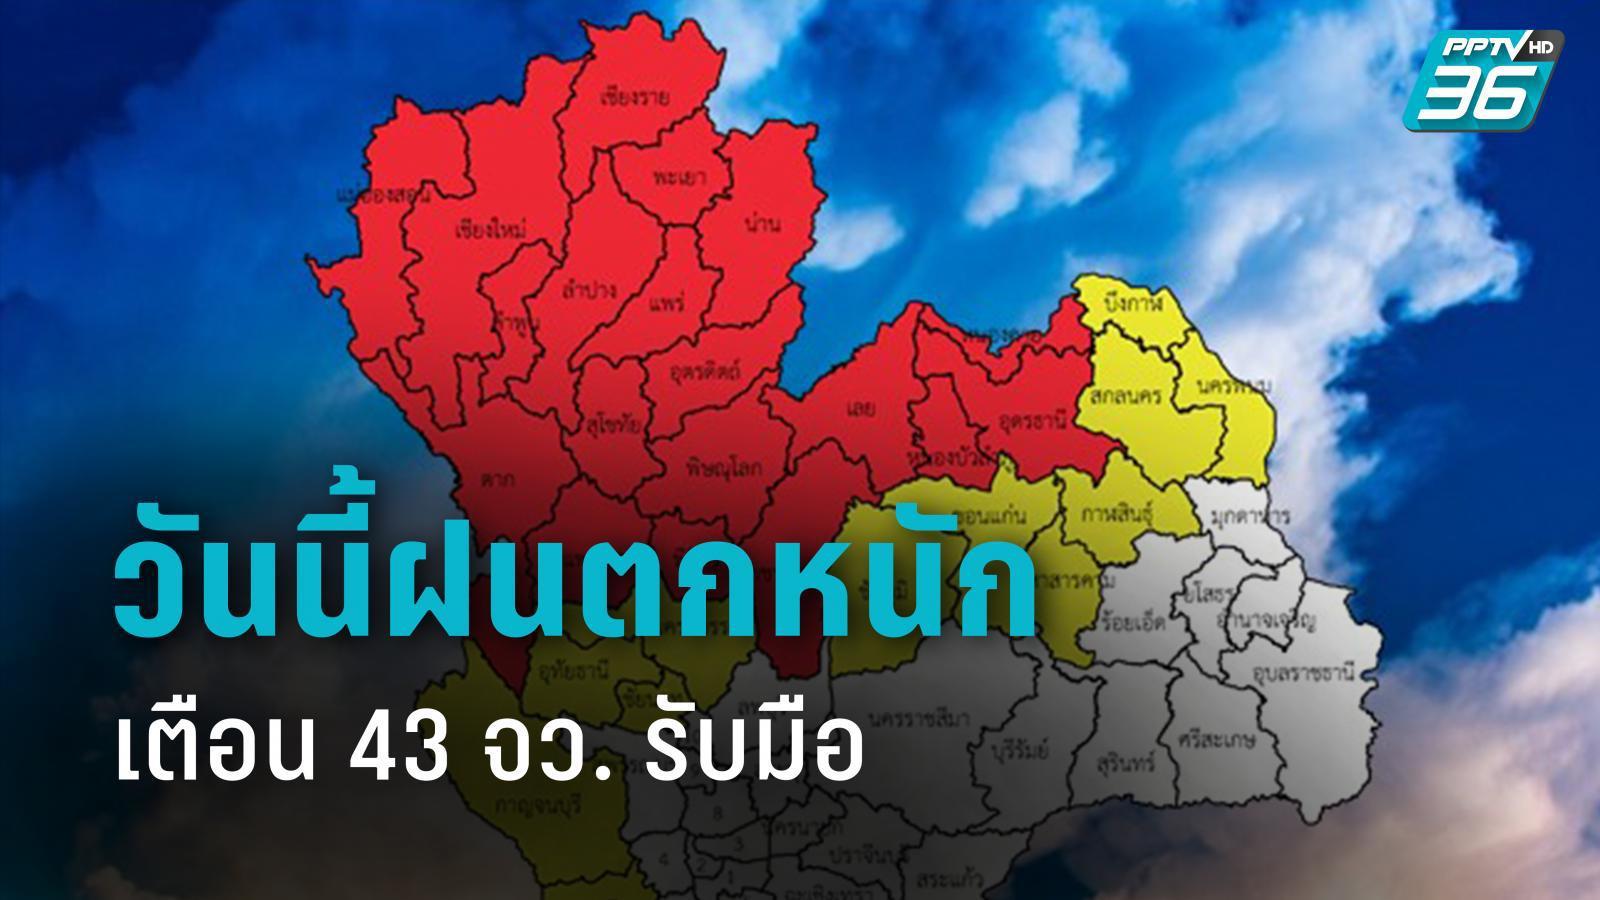 """กรมอุตุฯ เผย พายุ """"ซินลากู"""" อ่อนแรง เตือน 43 จังหวัด ระวังฝนตกหนักมากวันนี้"""